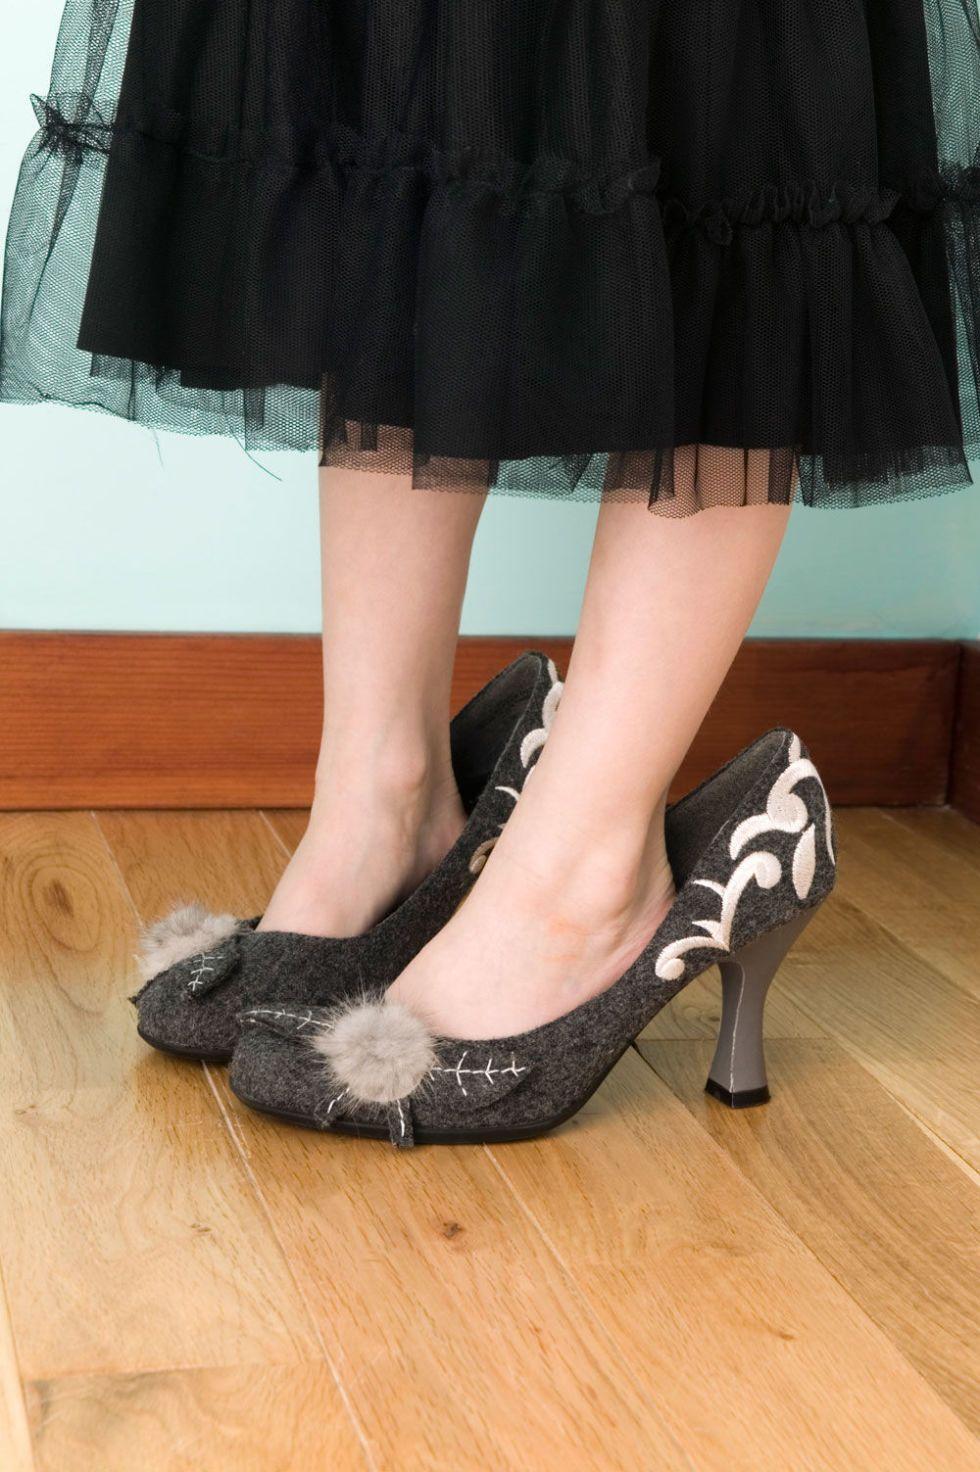 Girl footjob Small